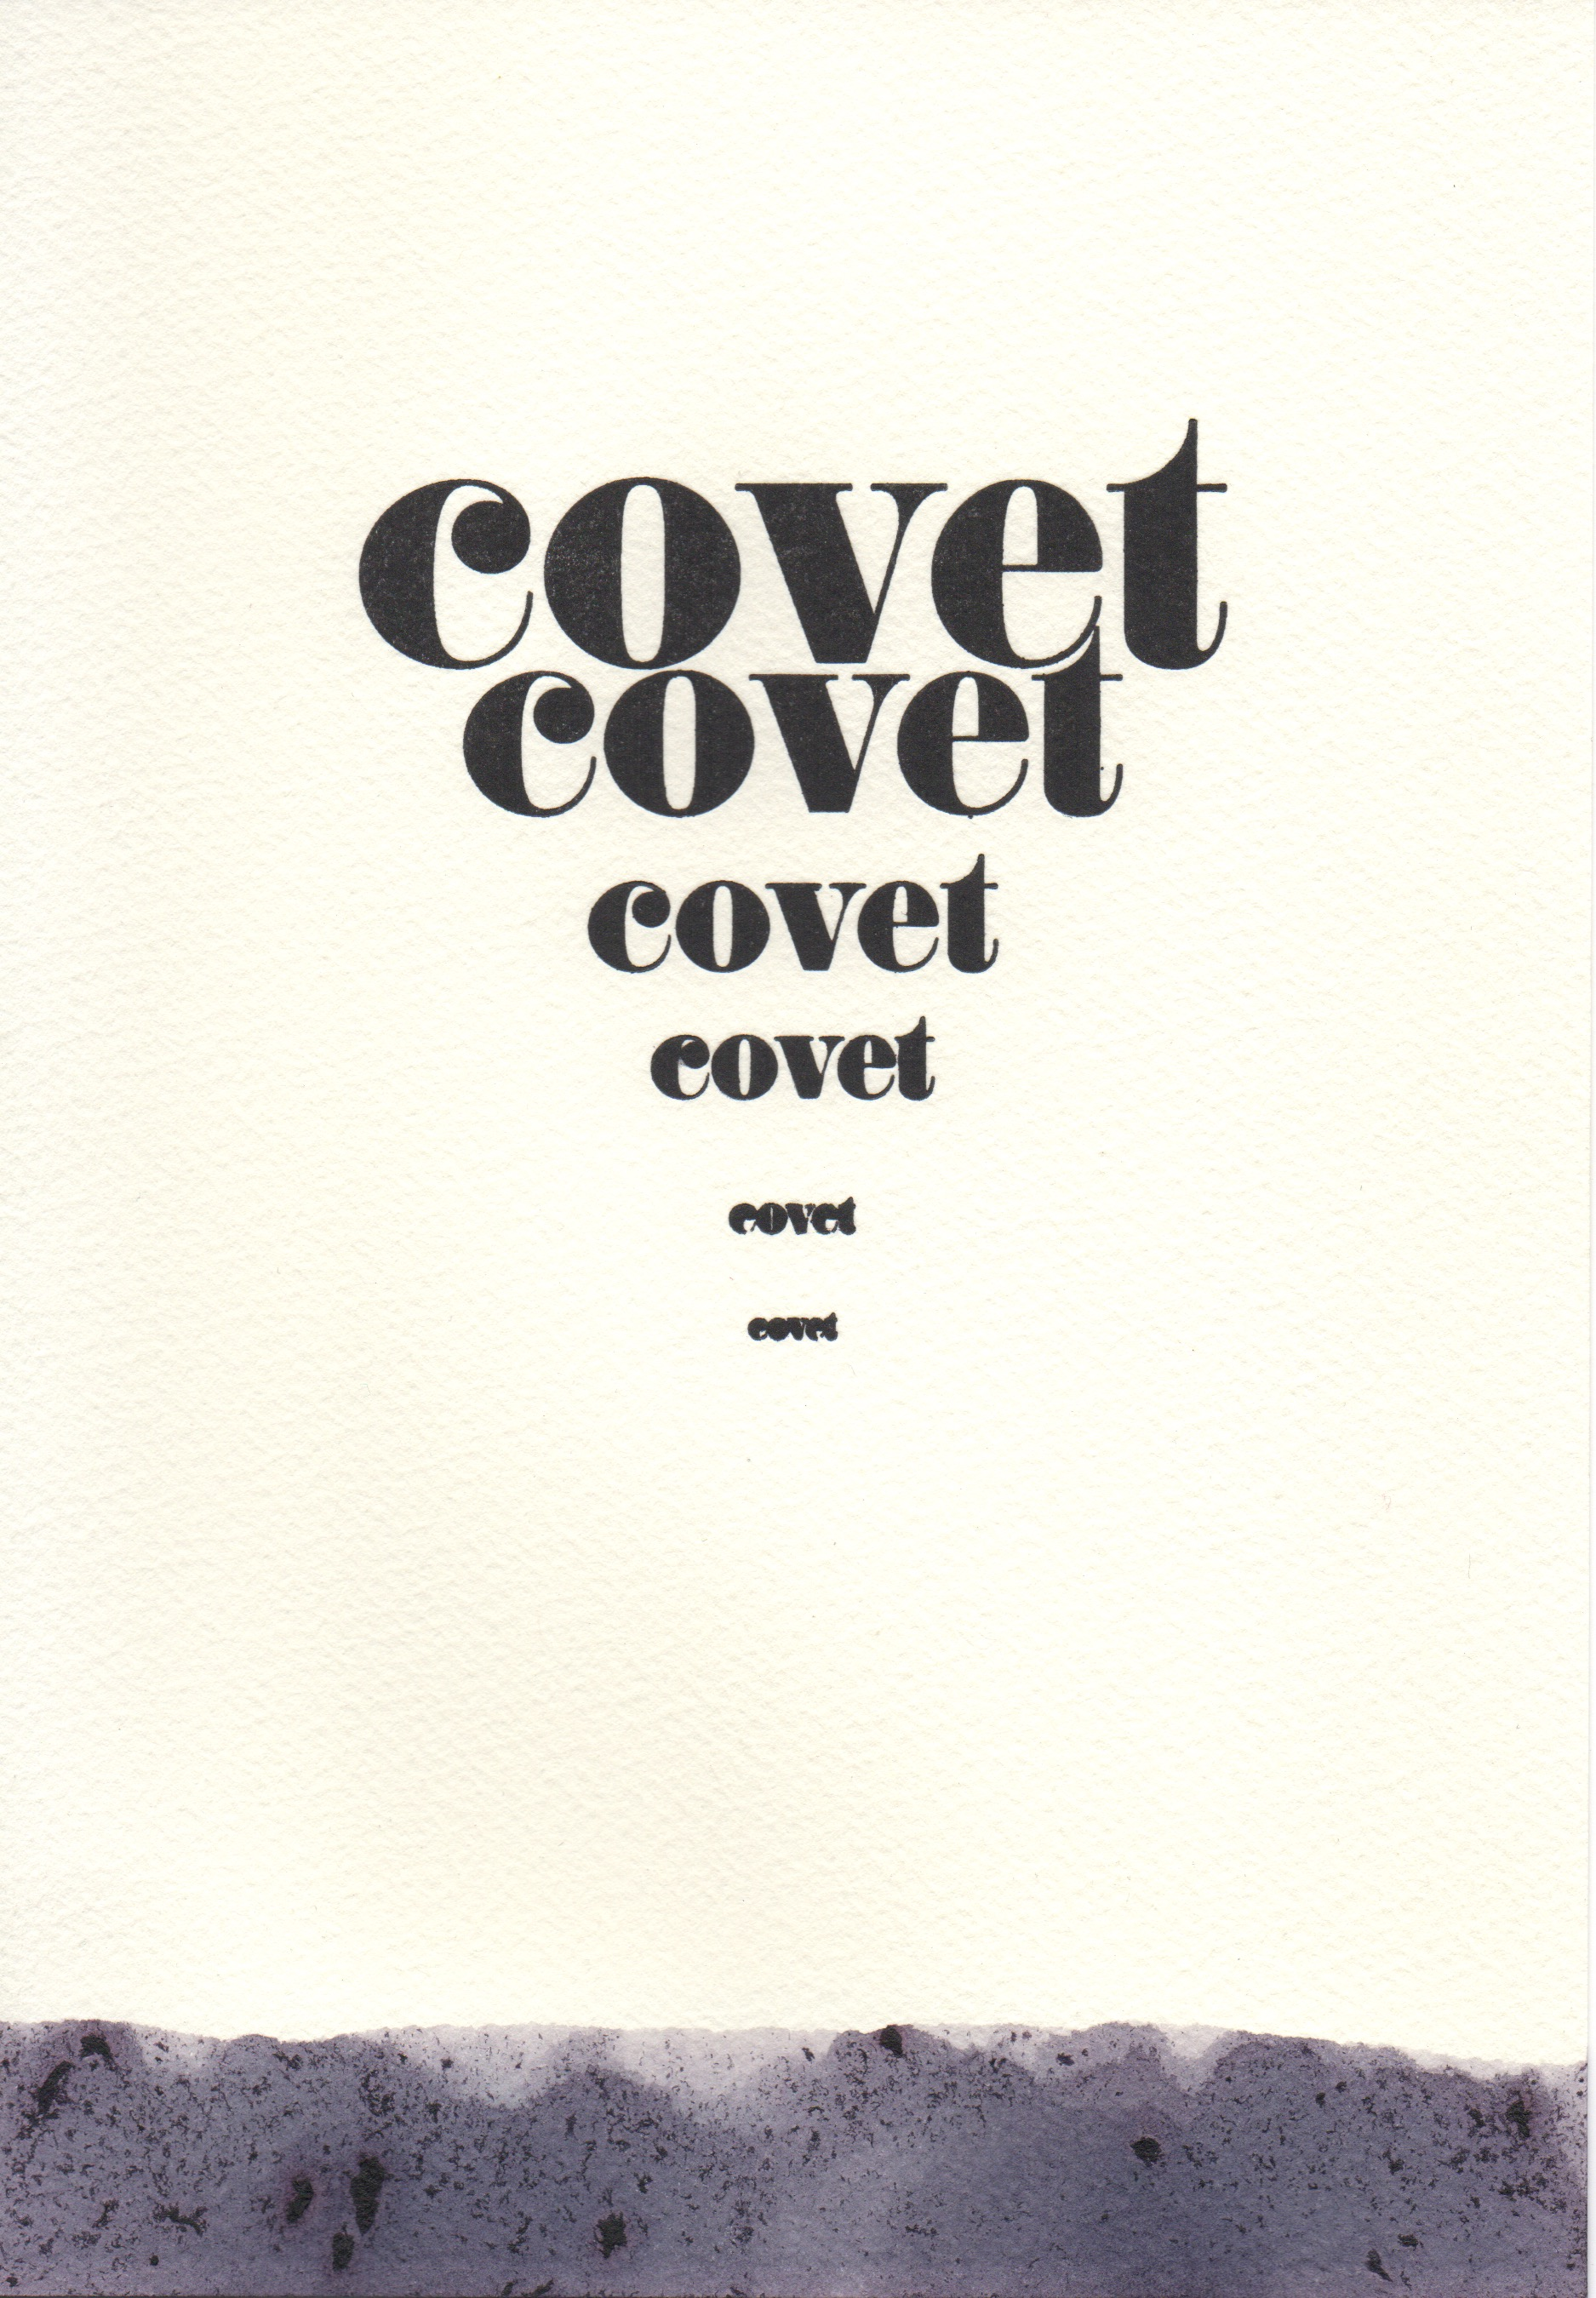 Covet_02.jpeg